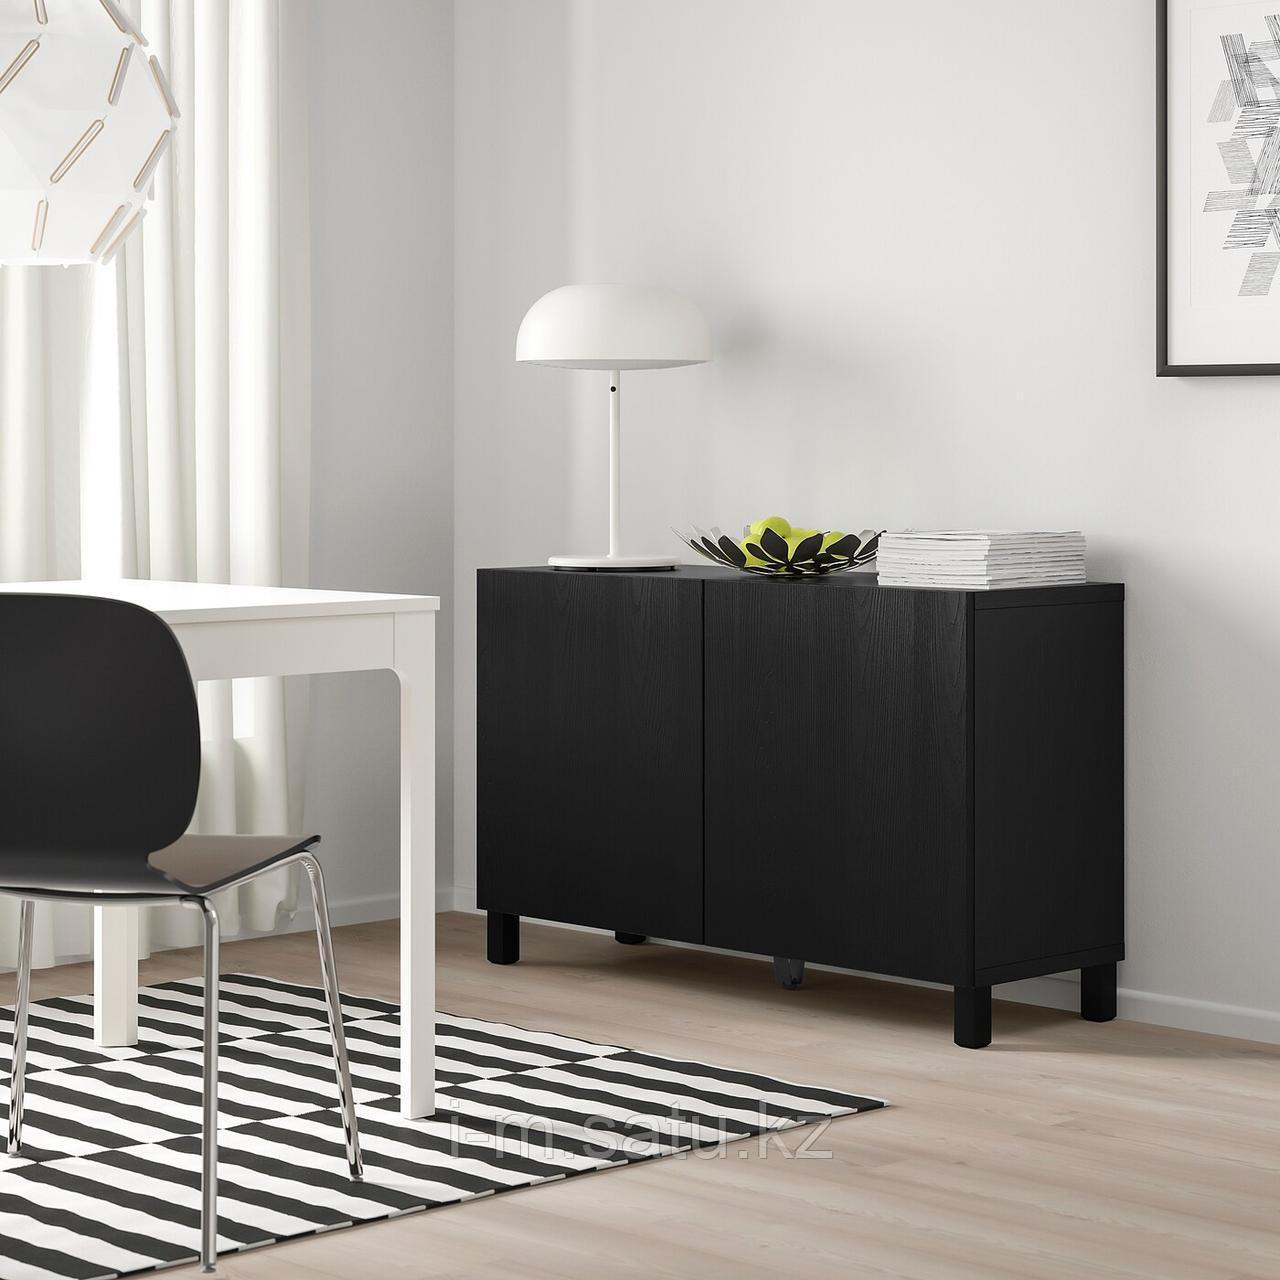 БЕСТО Комбинация для хранения с дверцами, черно-коричневый, тиммер/стуббар черный, 120x42x74 см